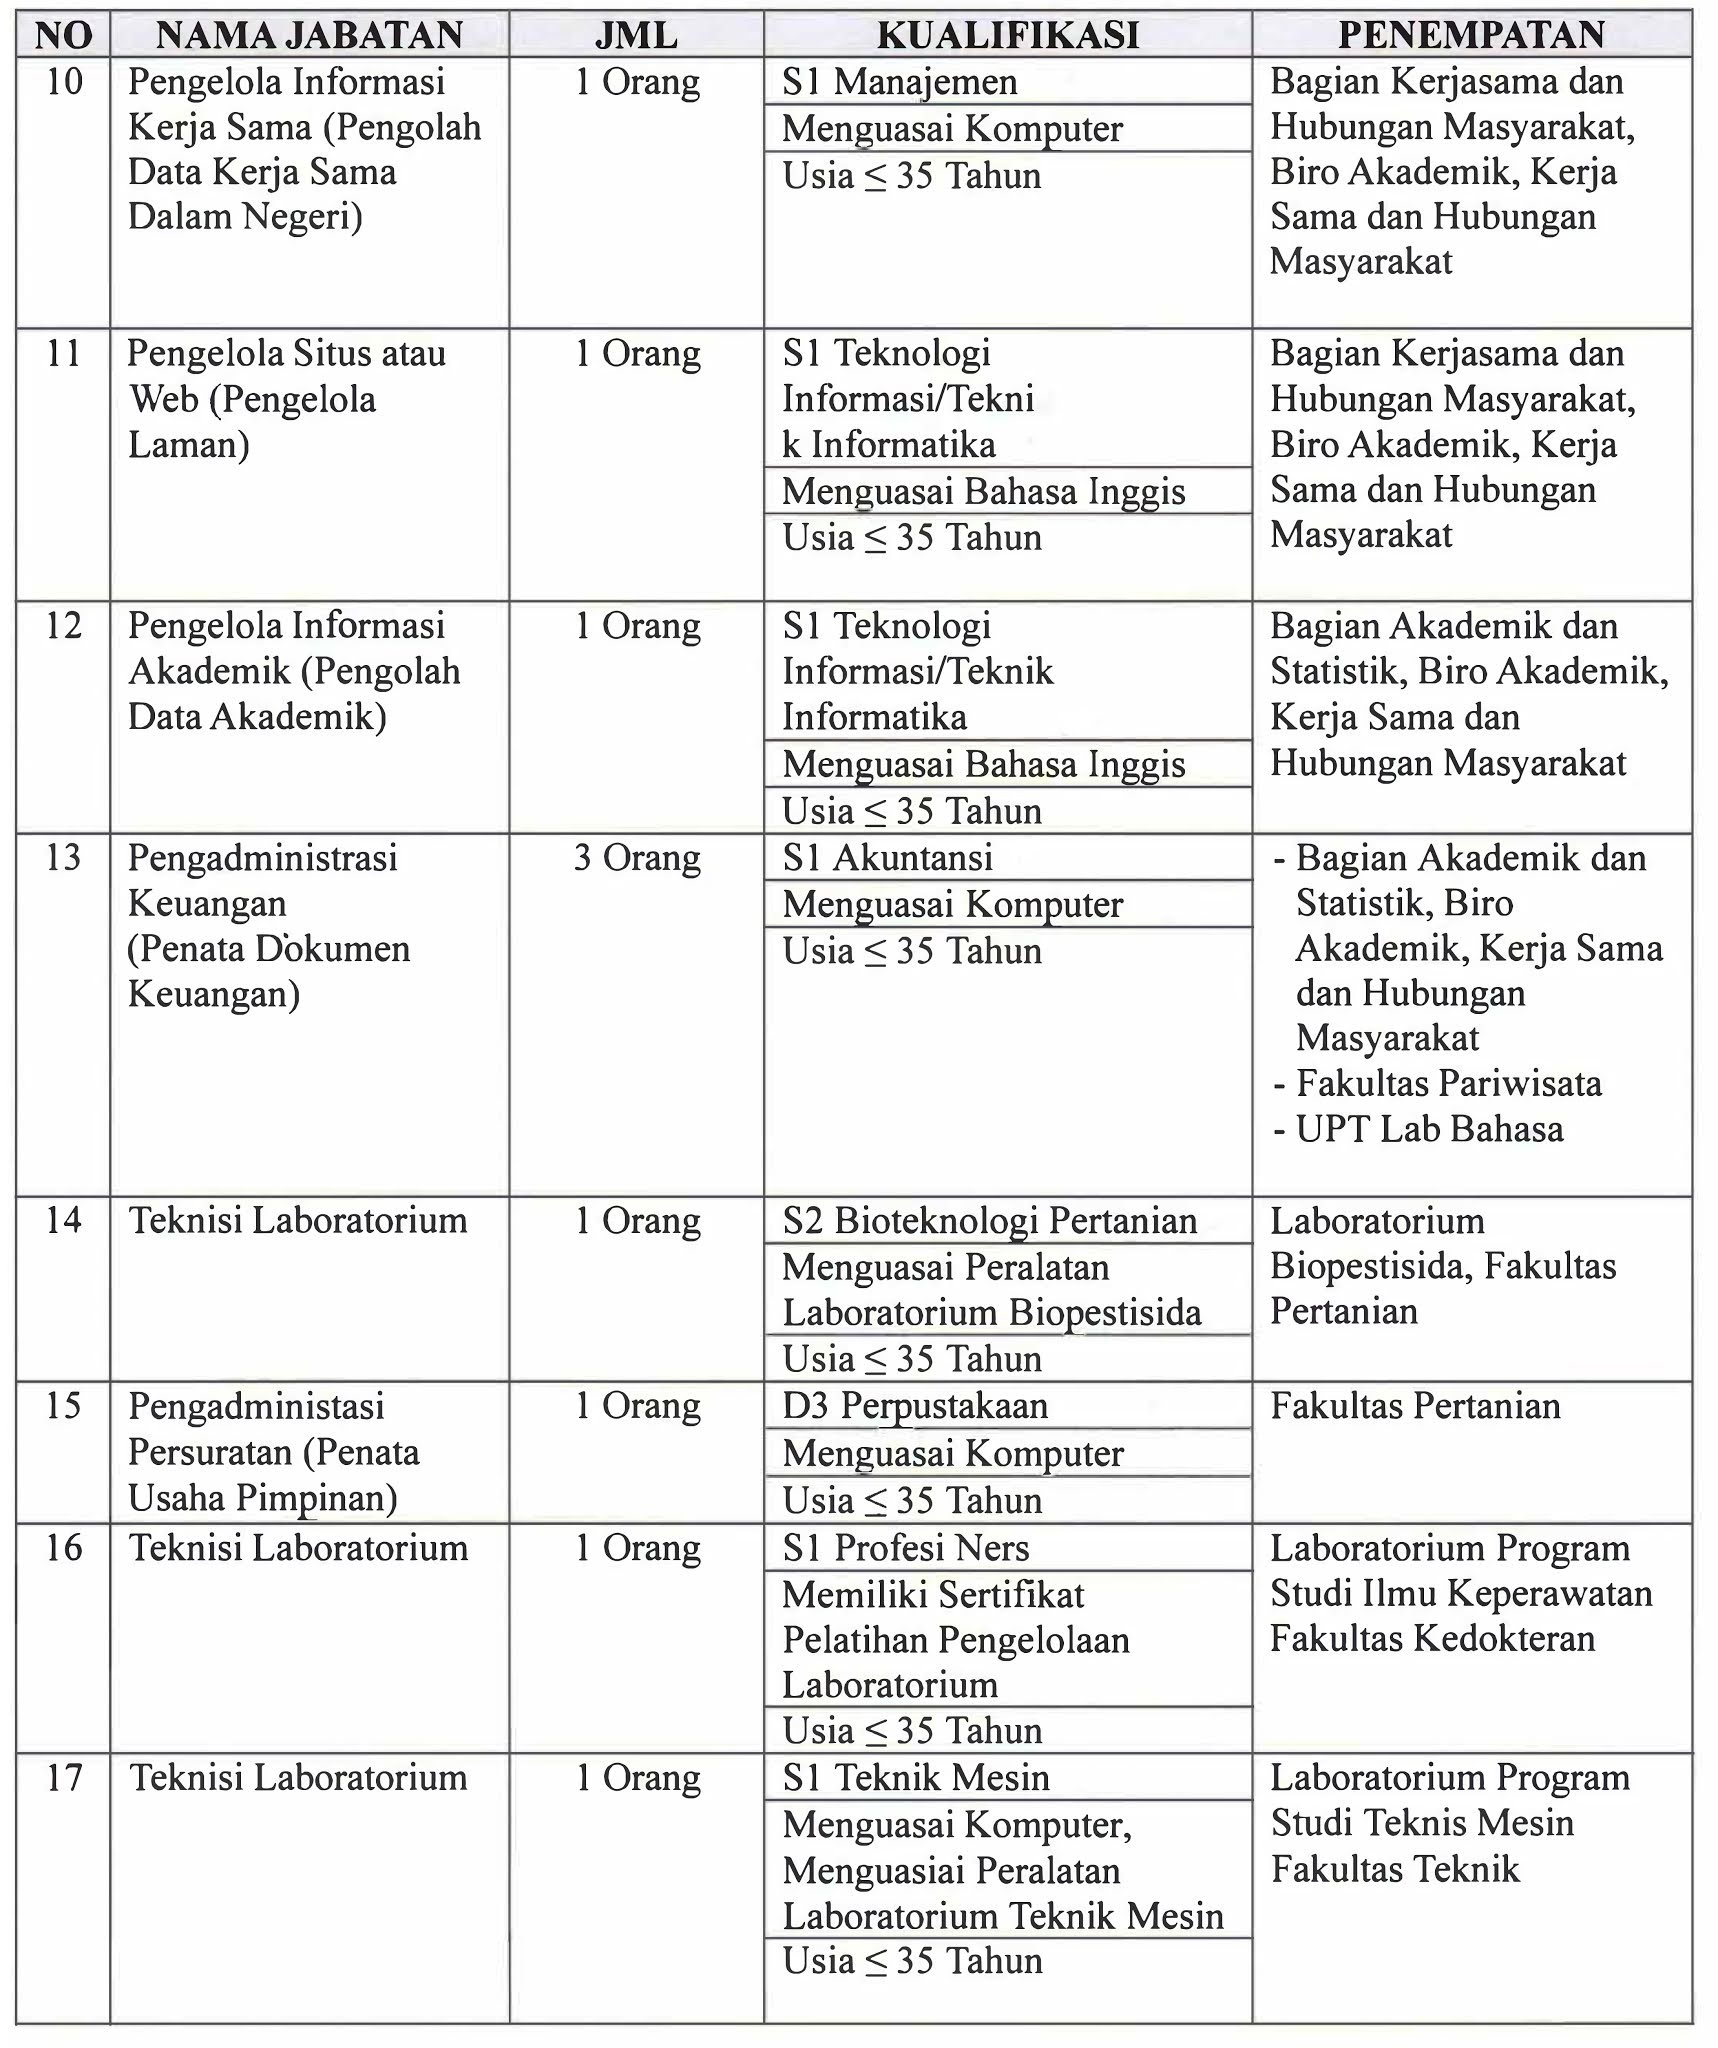 Lowongan Kerja RS dan Unit Lainnya di Lingkungan Universitas Udayana